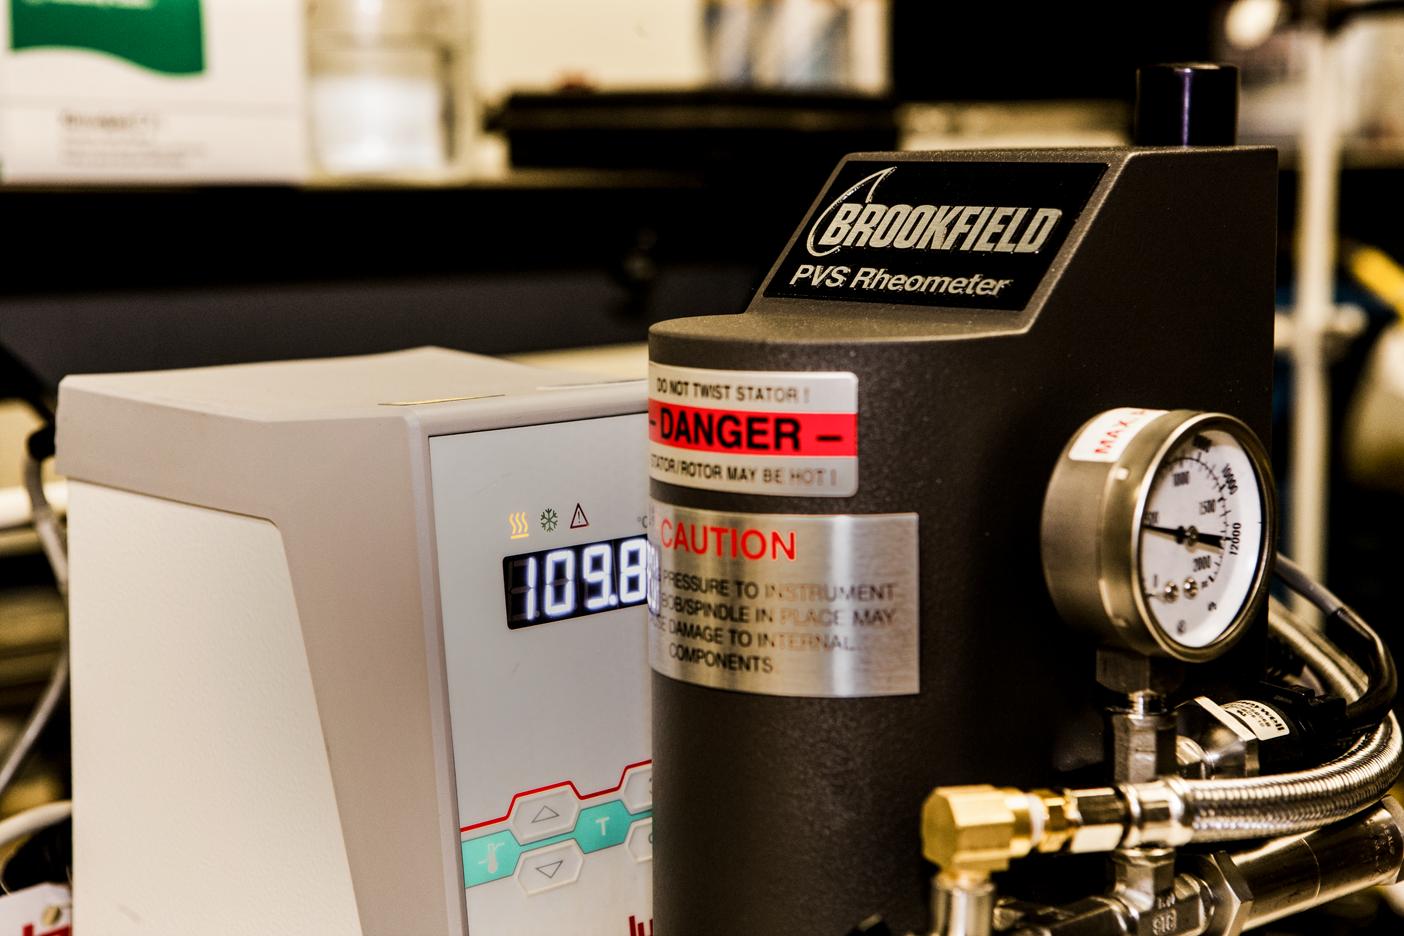 Brookfield Rheometer